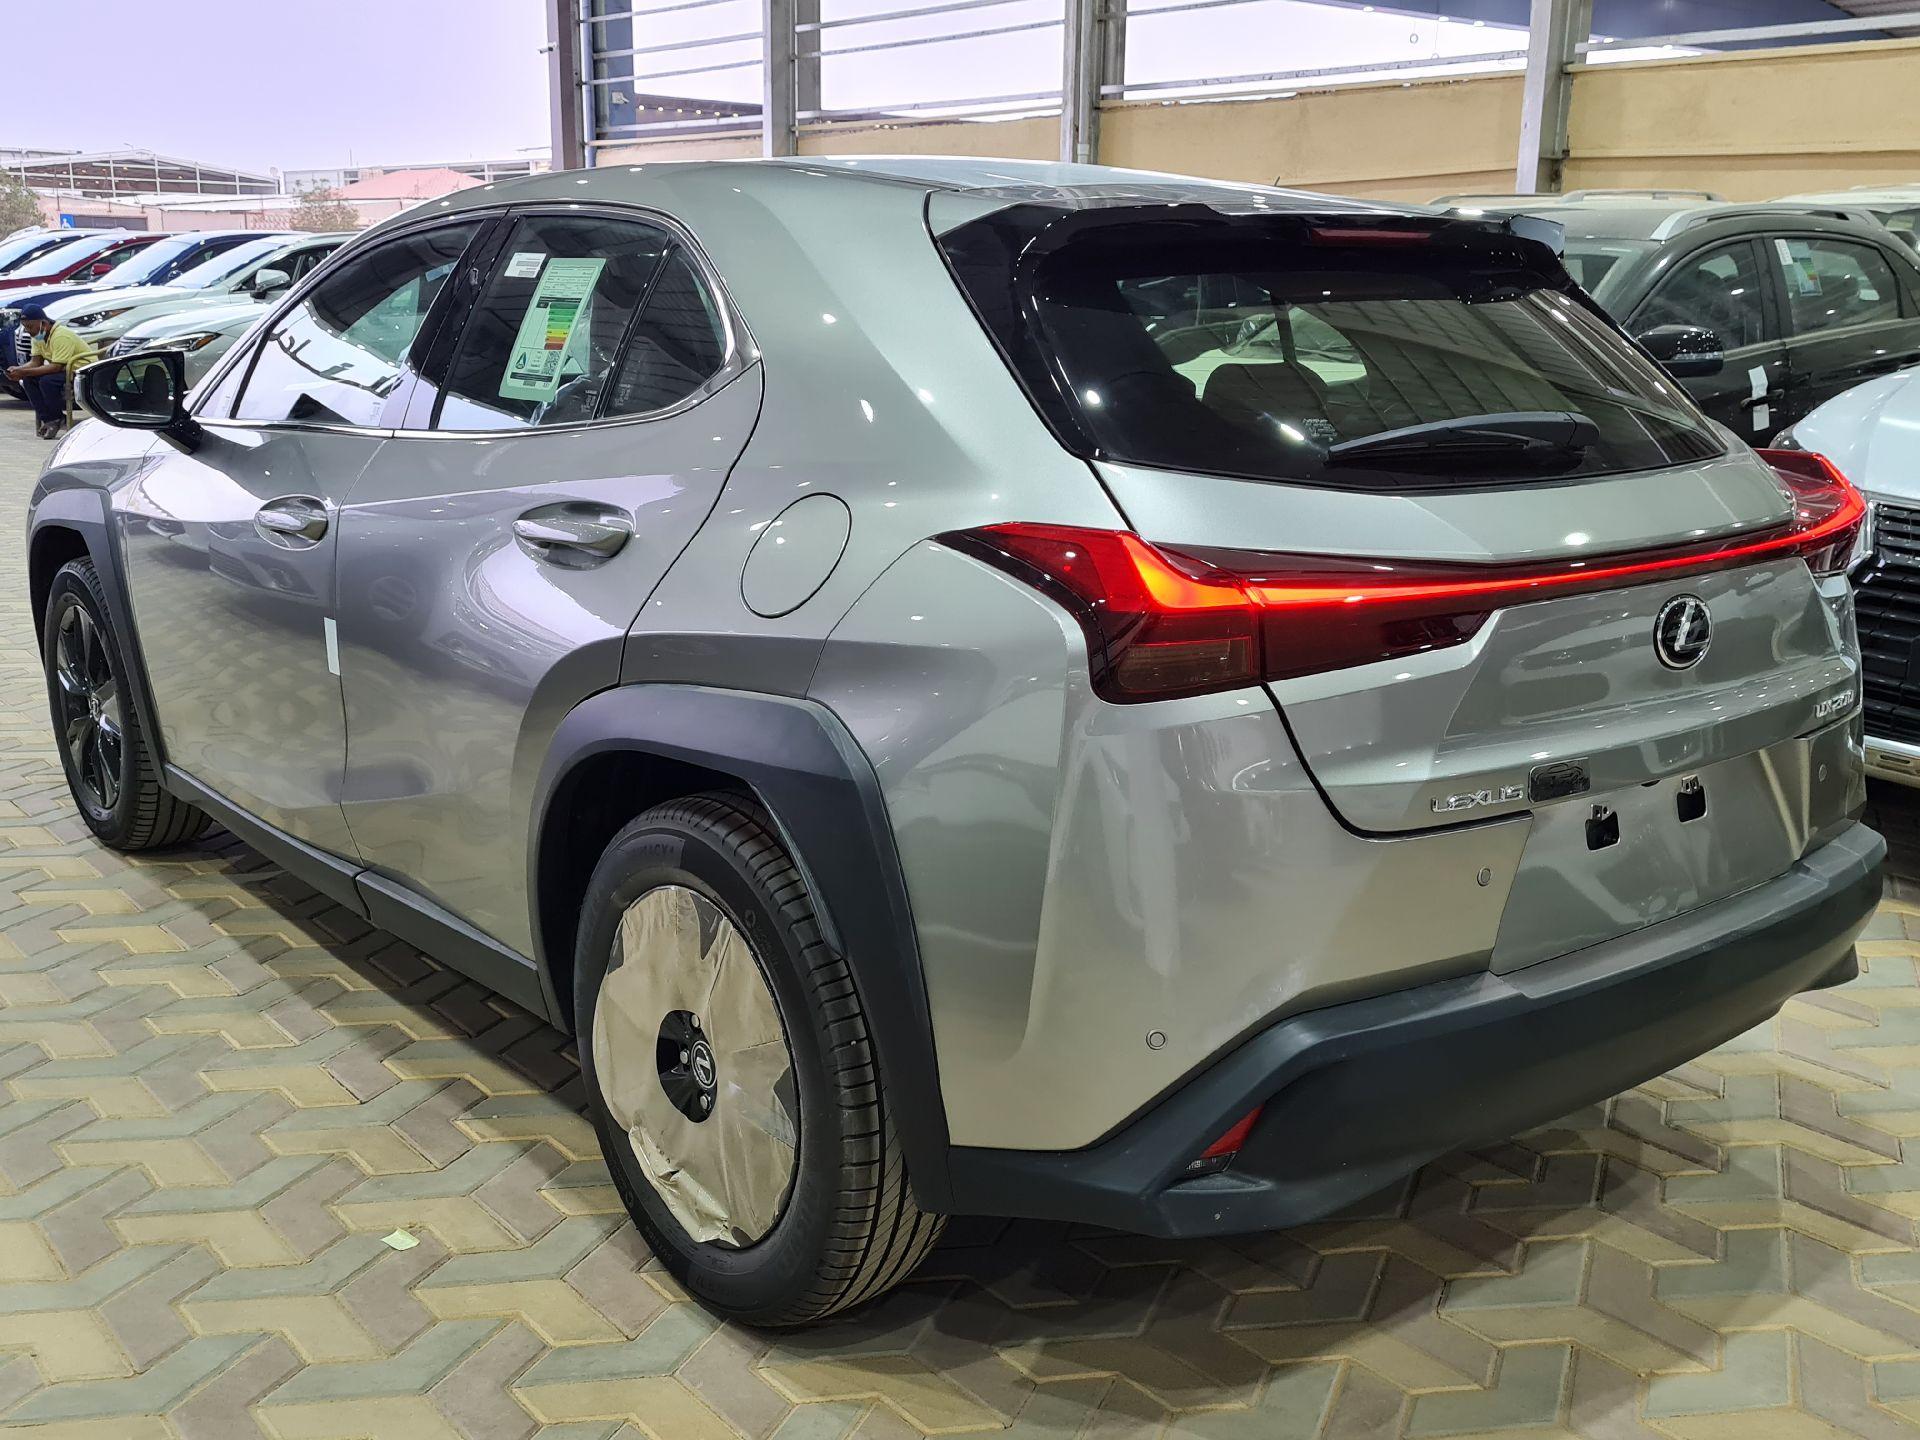 لكزس UX 200-AA Elegant ستاندر 2021 سعودي جديد للبيع في الرياض - السعودية - صورة كبيرة - 7